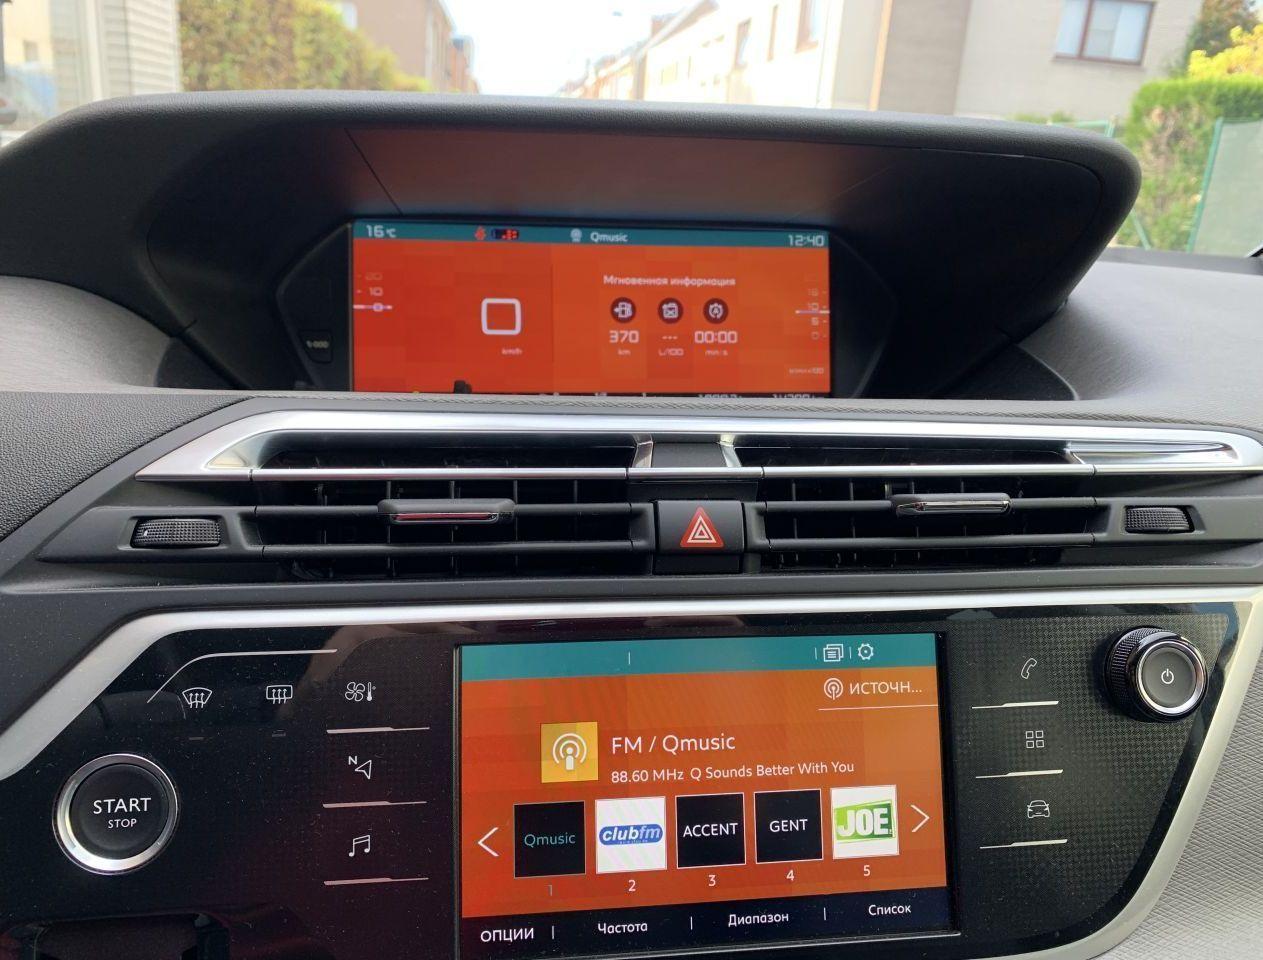 Нижний экран, управление климатом, аудио и навигация. Верхний экран борт компьютер и прочая инфа.